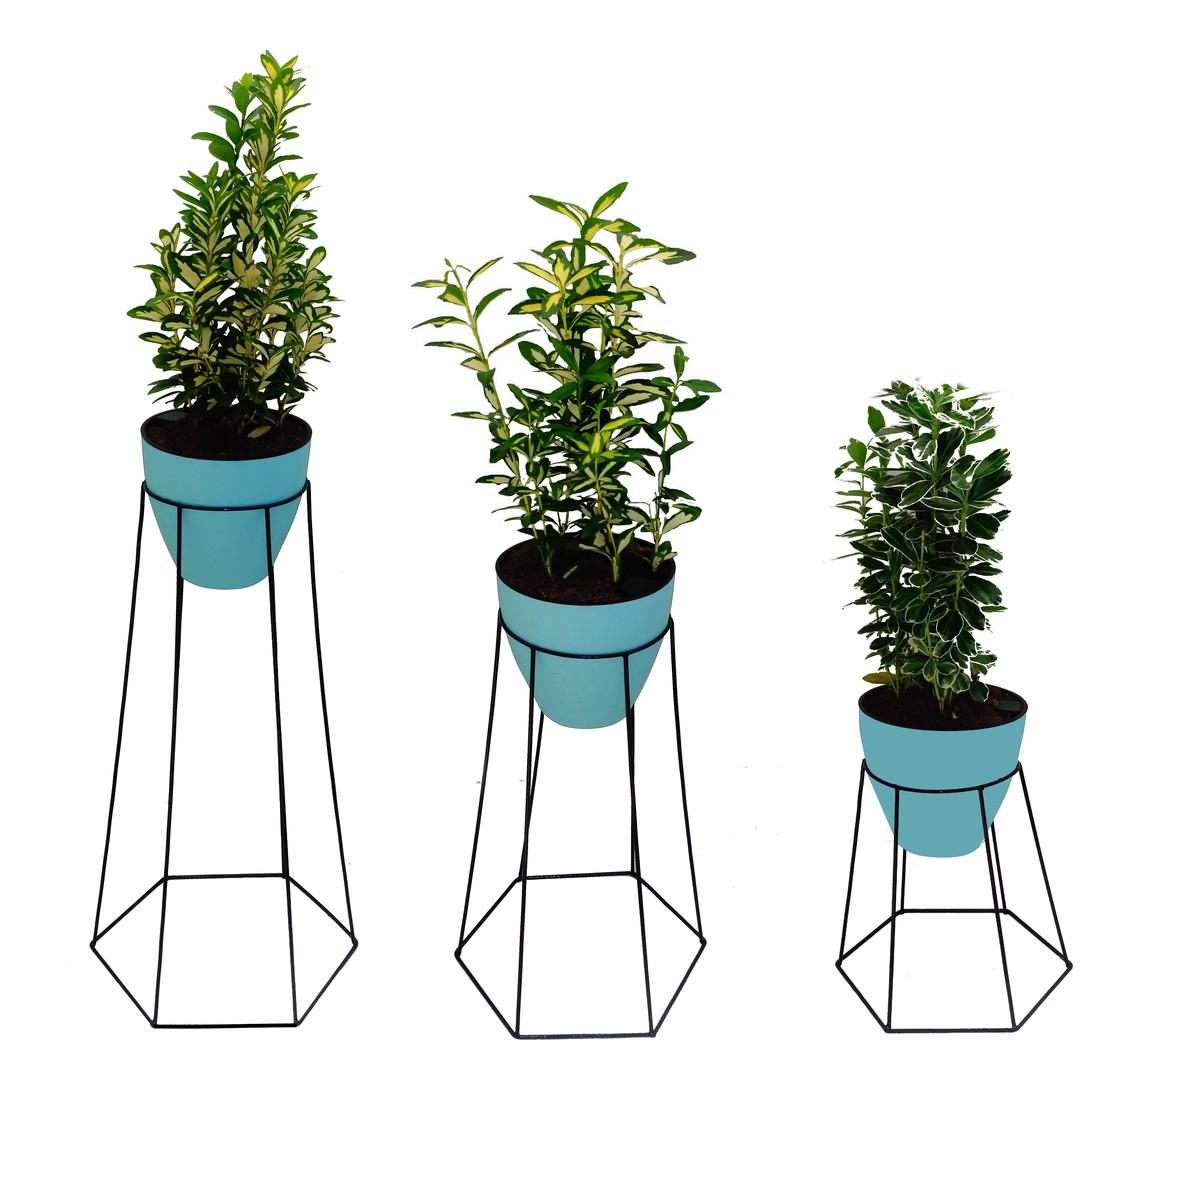 29bb7fb5de2 kit 3 unidades - suporte para vaso de plantas -hexagonal no Elo7 ...